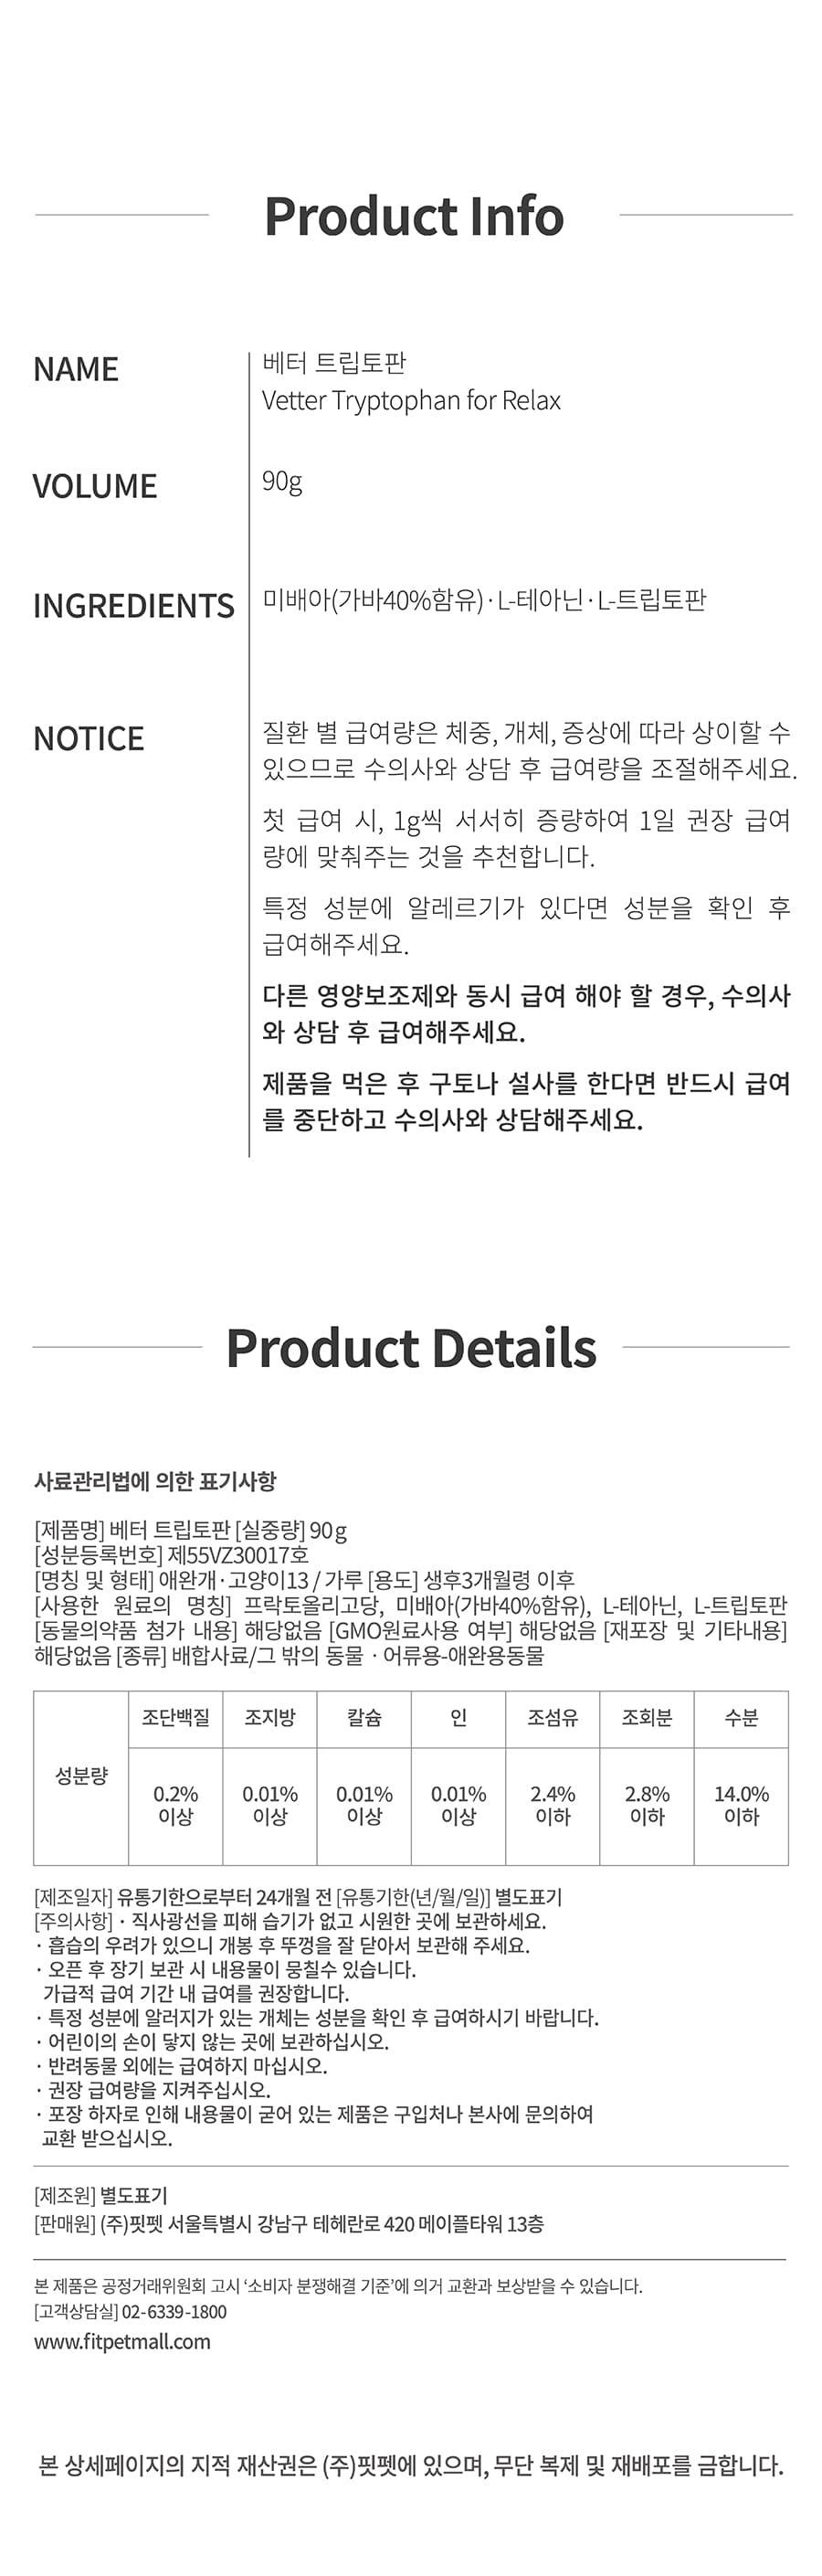 [EVENT] Vetter 댕냥이 영양 파우더 11종 (관절/피부/안정/눈/장/소화)-상품이미지-41